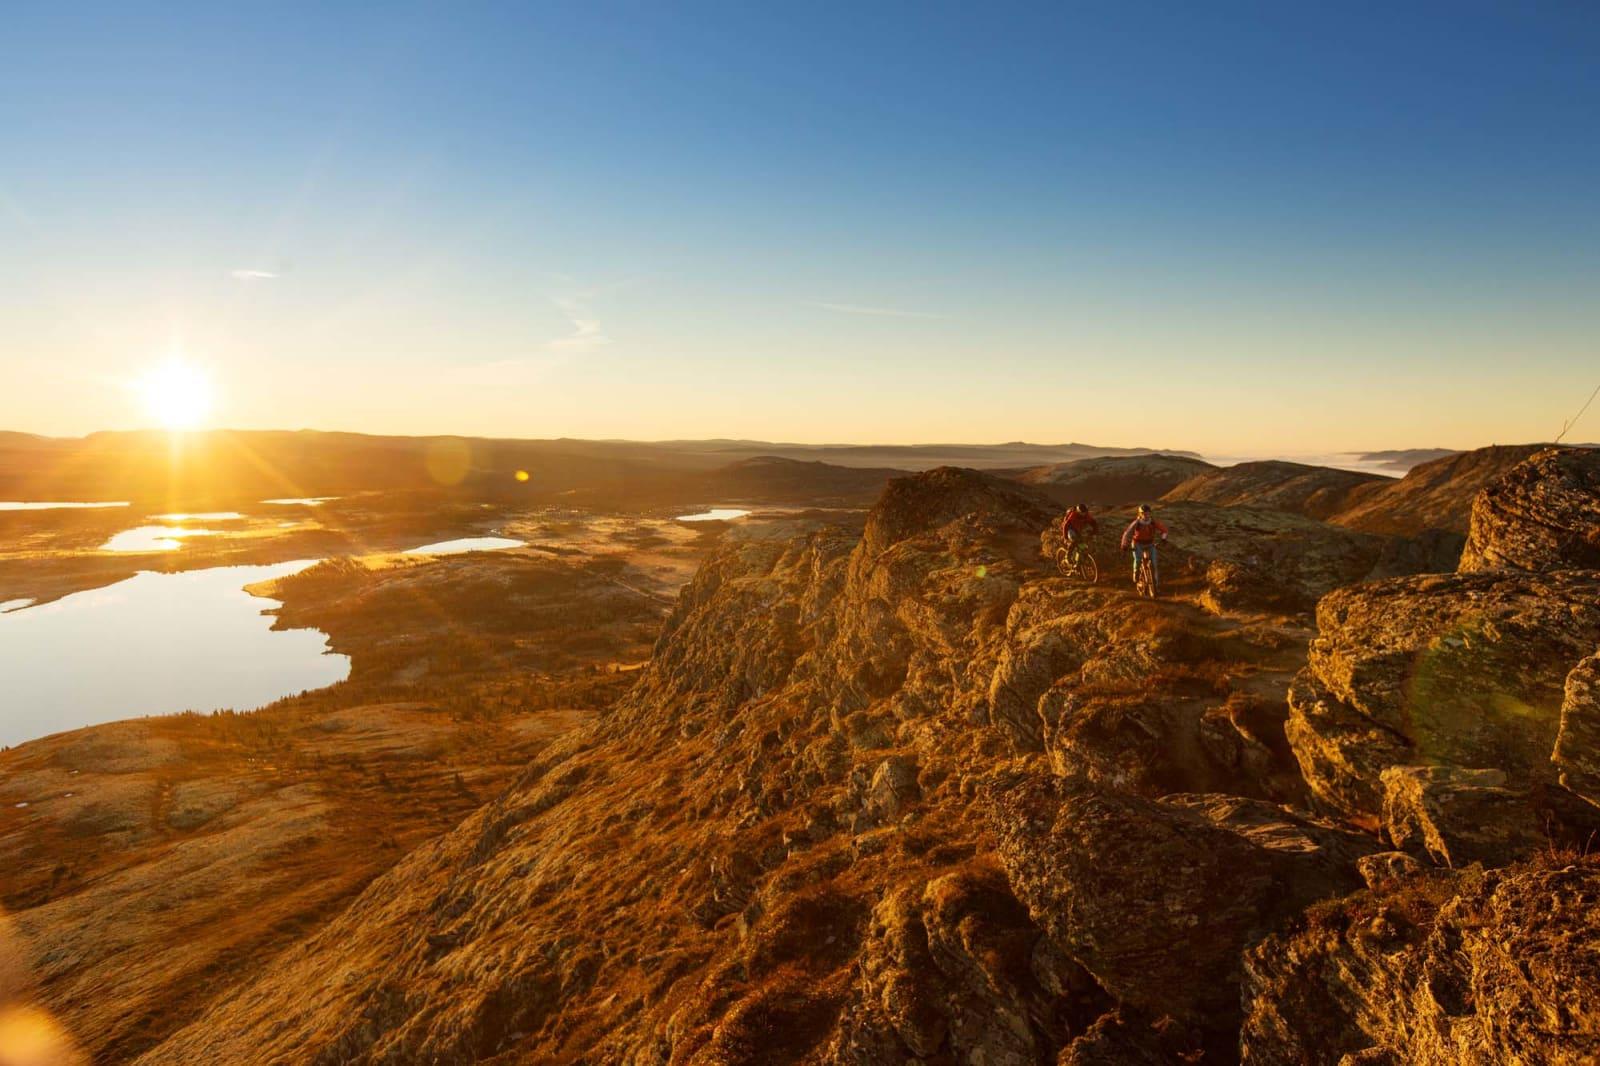 TRYGG PÅ FJELLRYGG: Soloppgang over Venabygdsfjellet må oppleves. Foto: Kristoffer H. Kippernes.